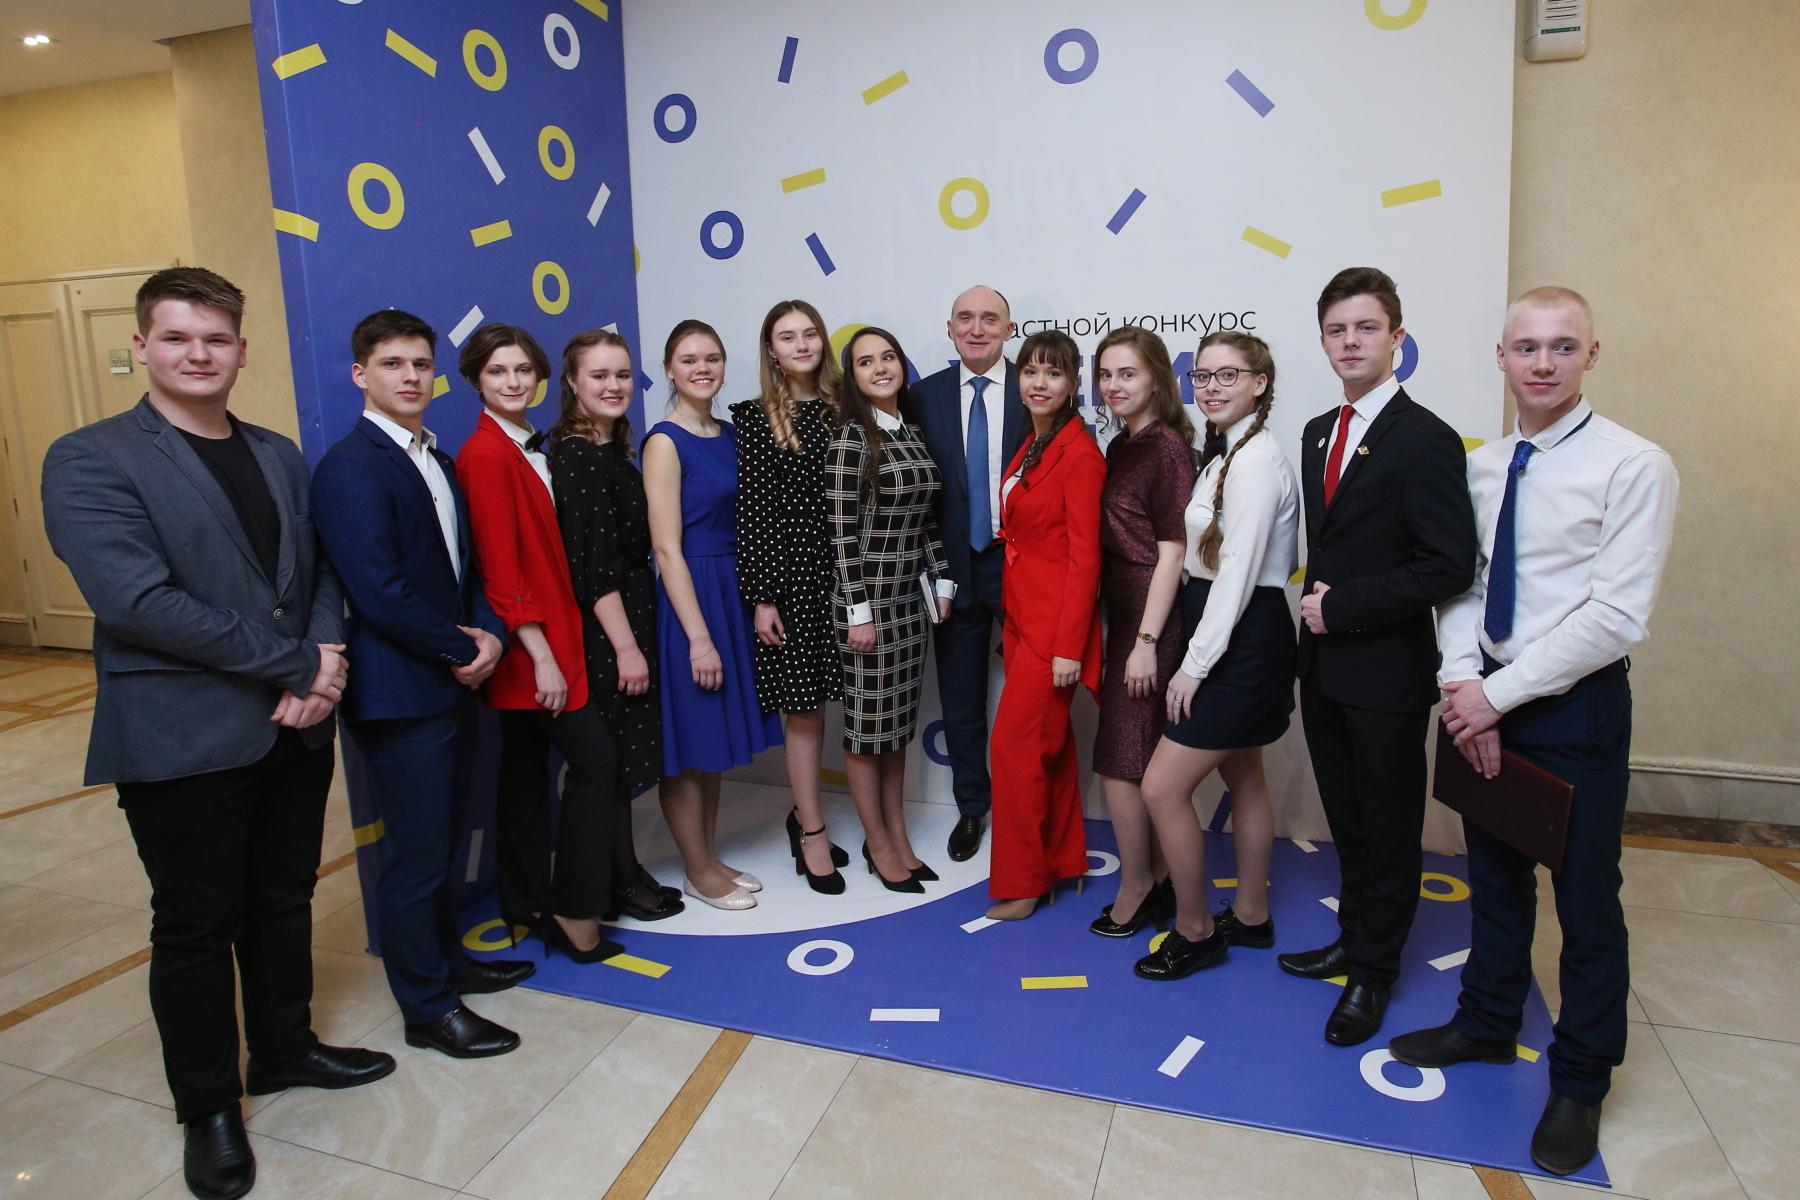 В Челябинске состоялось торжественное открытие конкурса «Ученик года». За звание лучшего будут бо